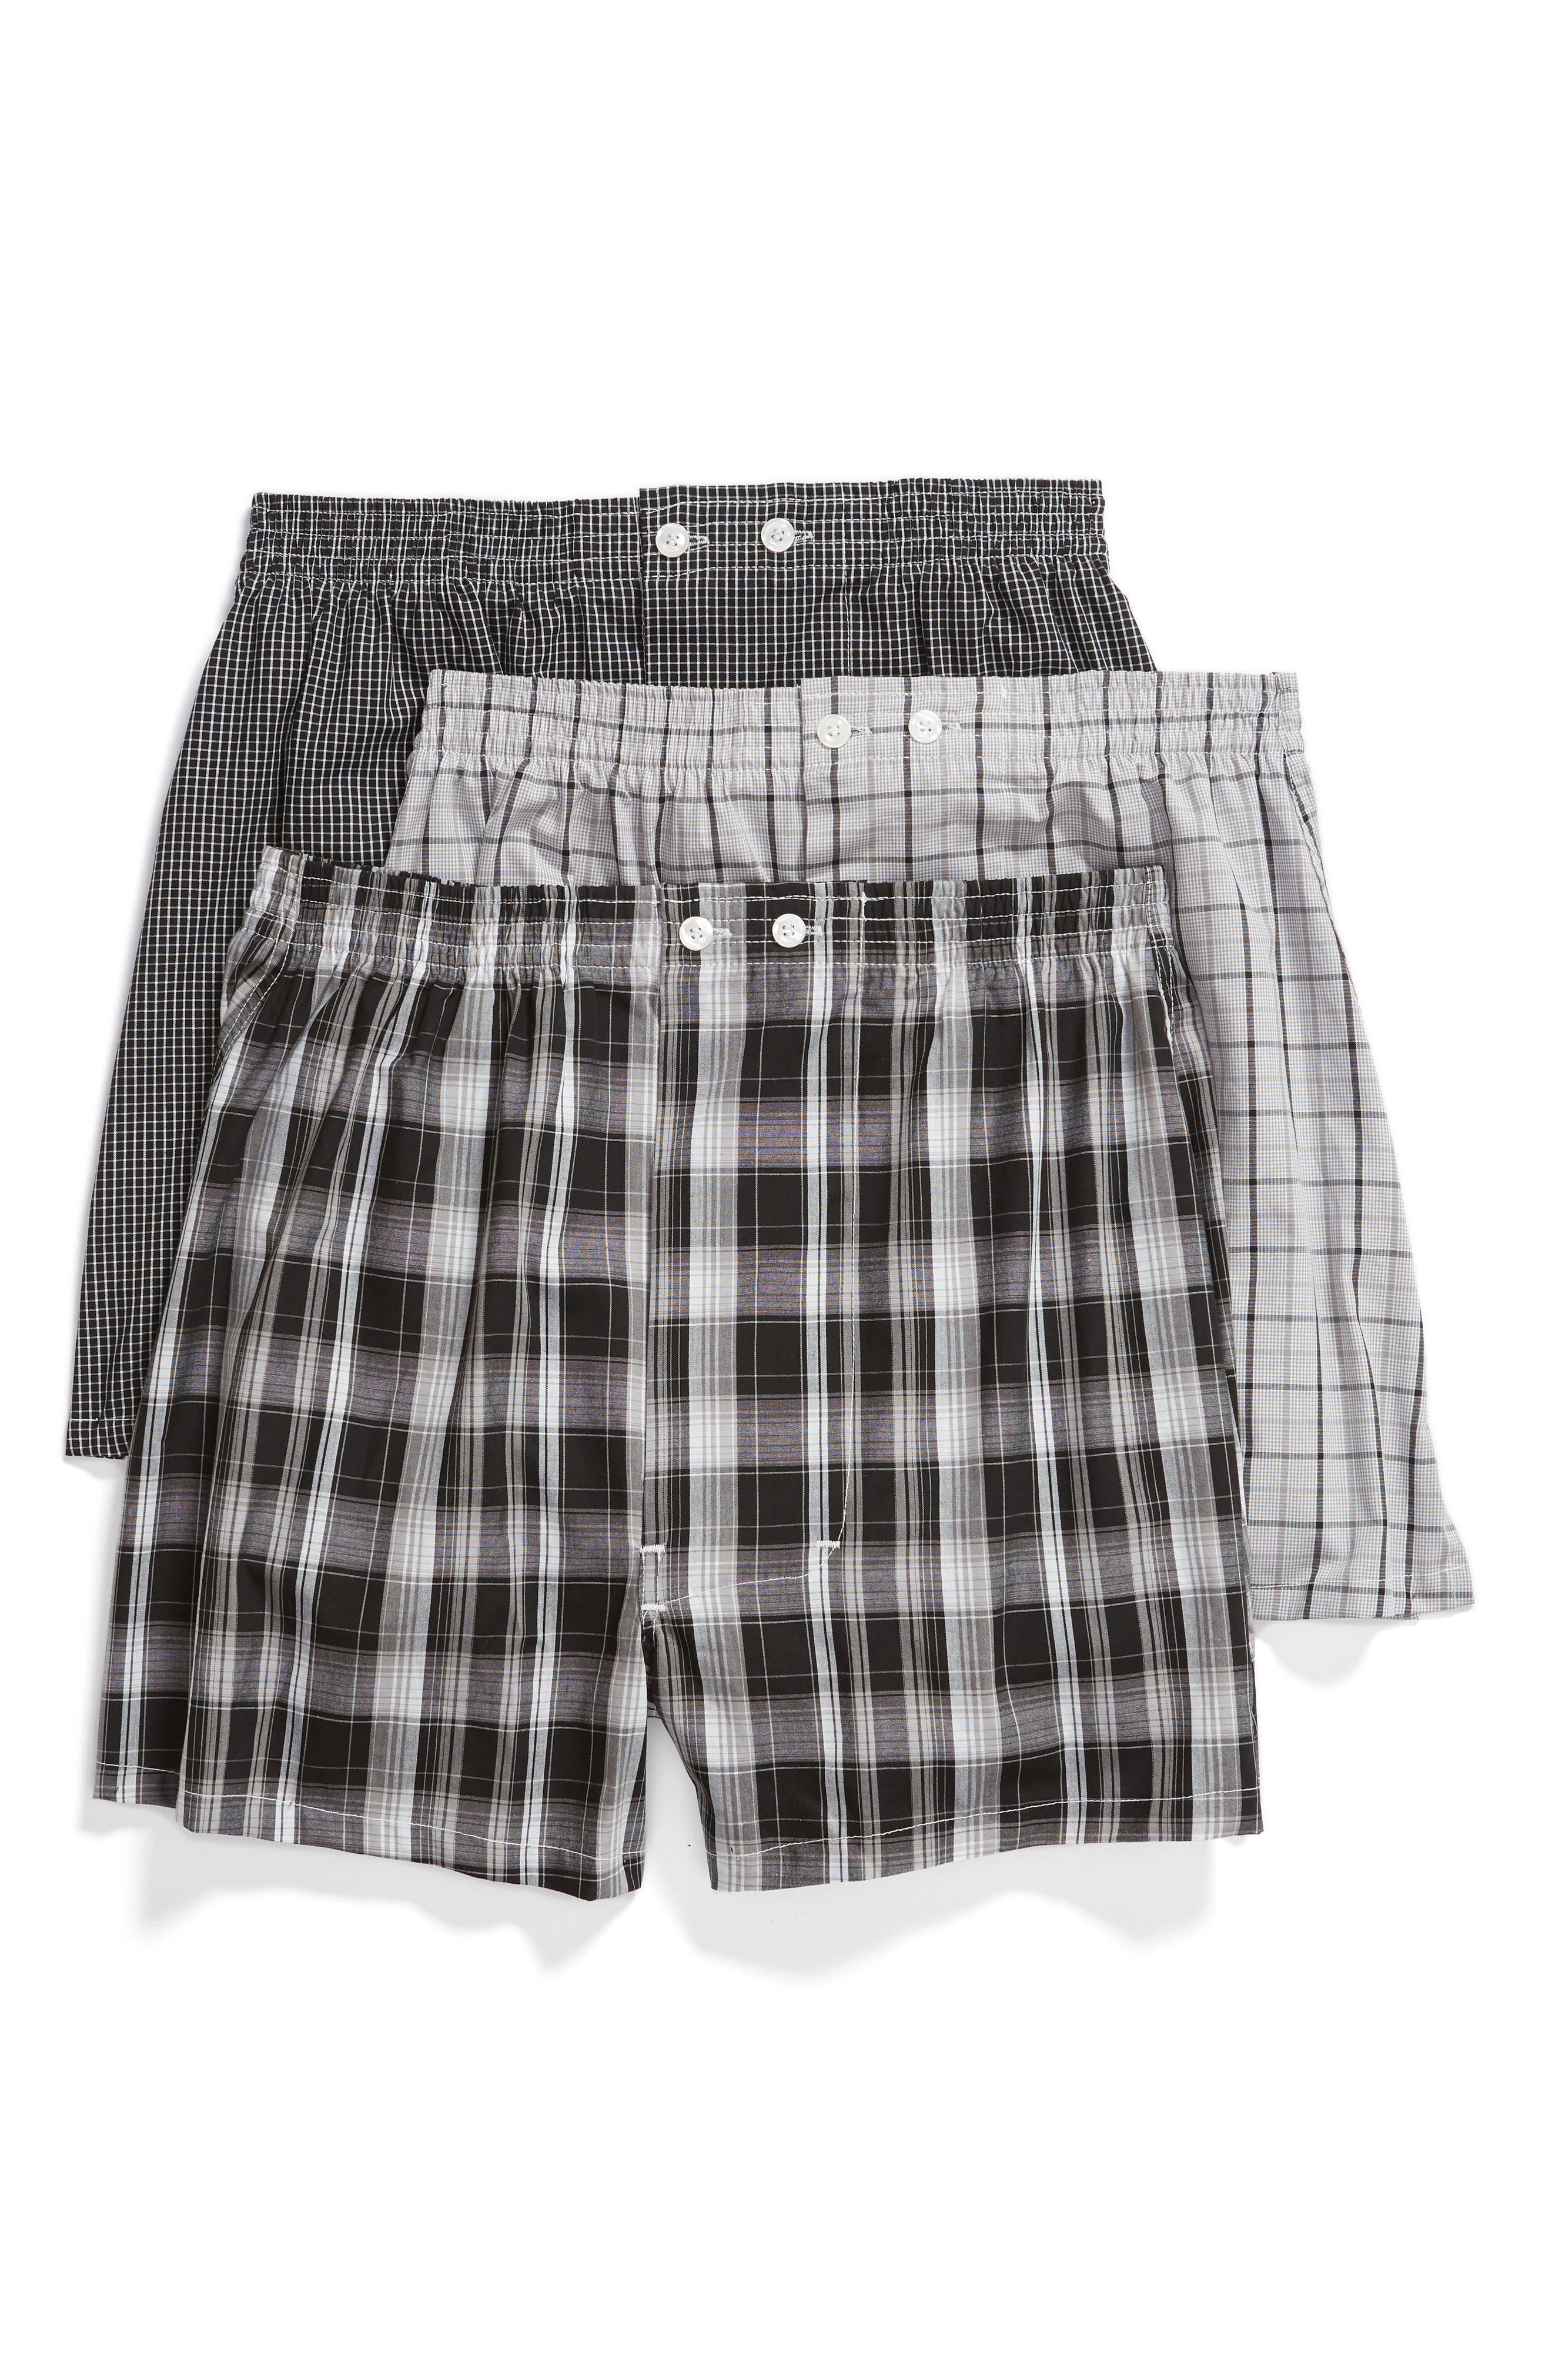 NORDSTROM MEN'S SHOP, 3-Pack Classic Fit Boxers, Main thumbnail 1, color, BLACK- WHITE PLAID PACK